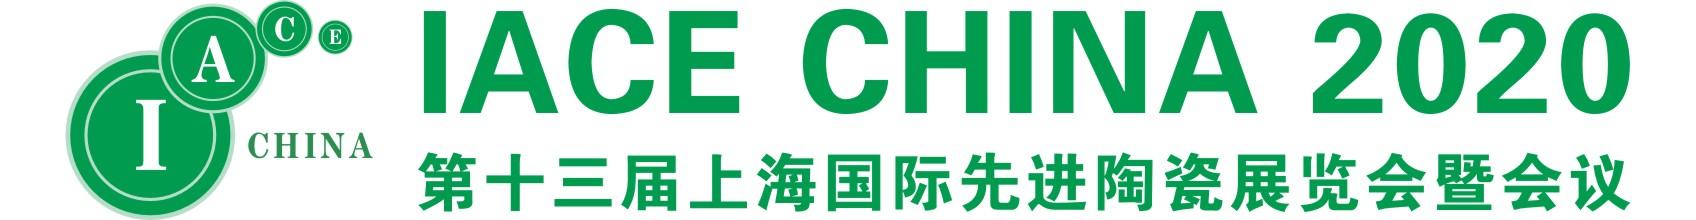 广东新之联展览服务有限公司